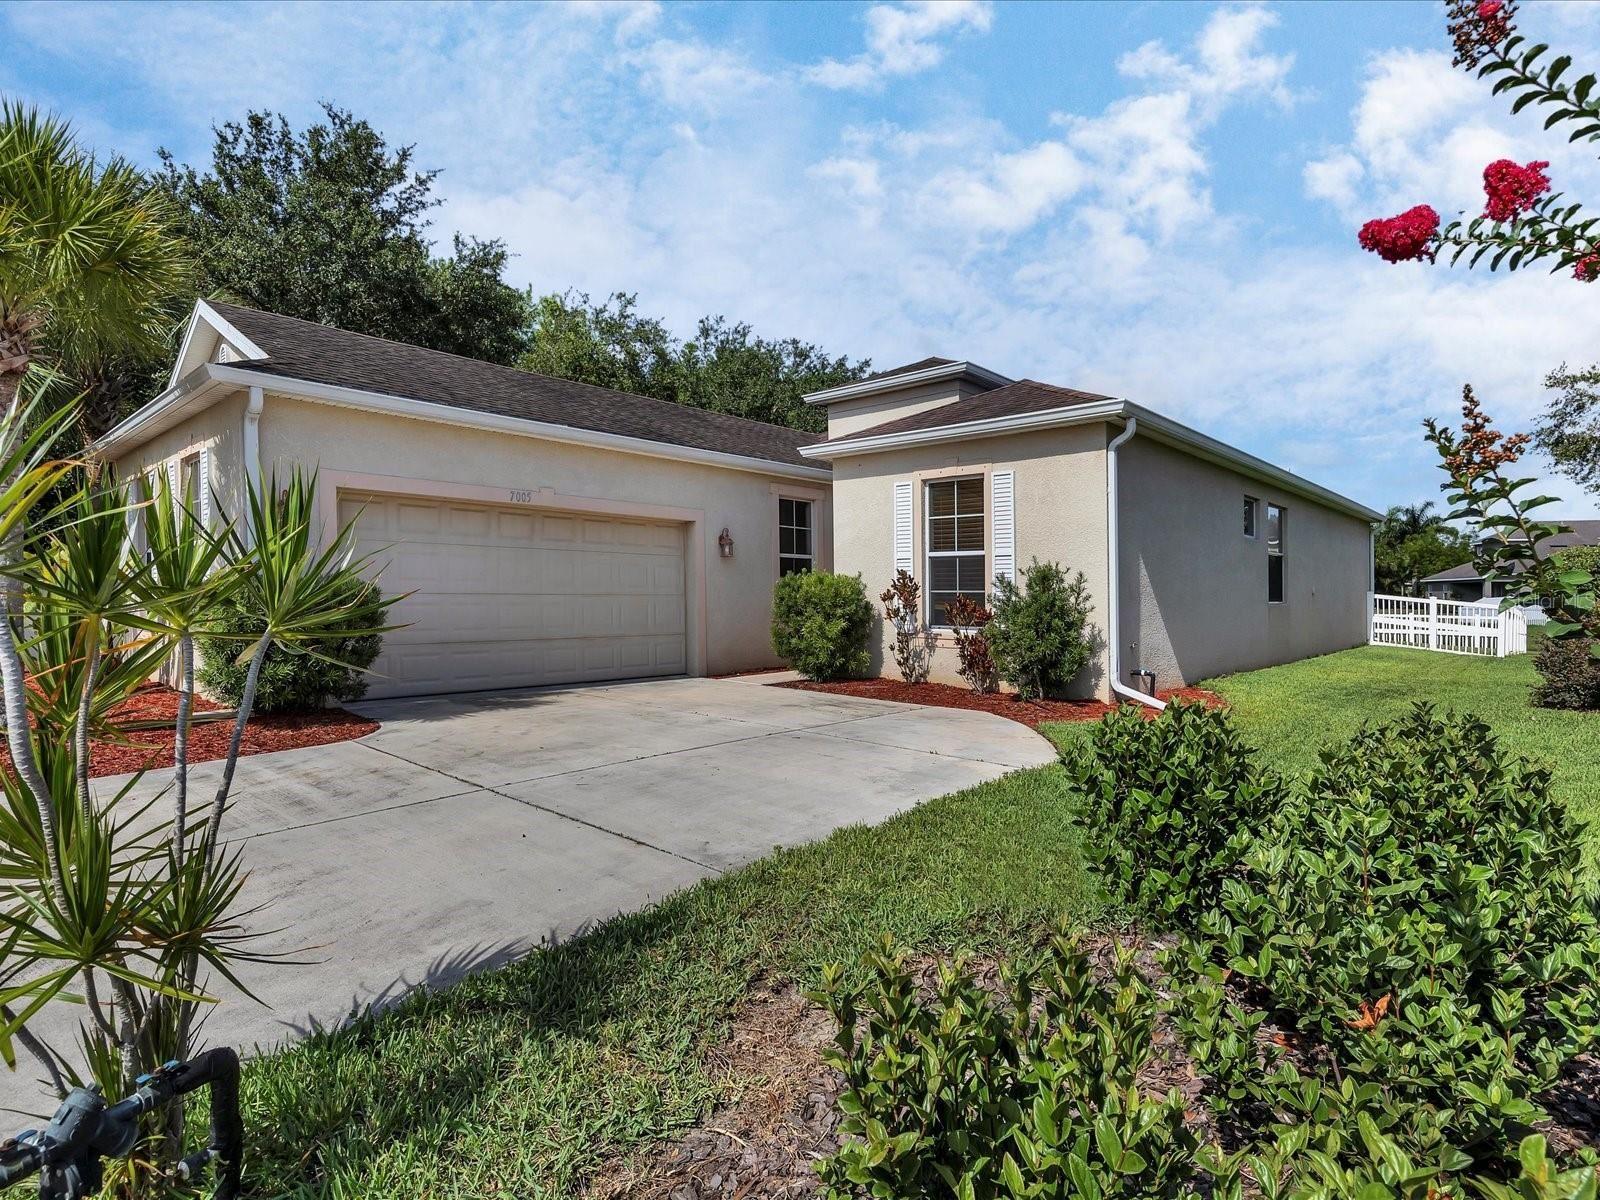 Photo of 7005 56TH TERRACE E, PALMETTO, FL 34221 (MLS # A4503690)